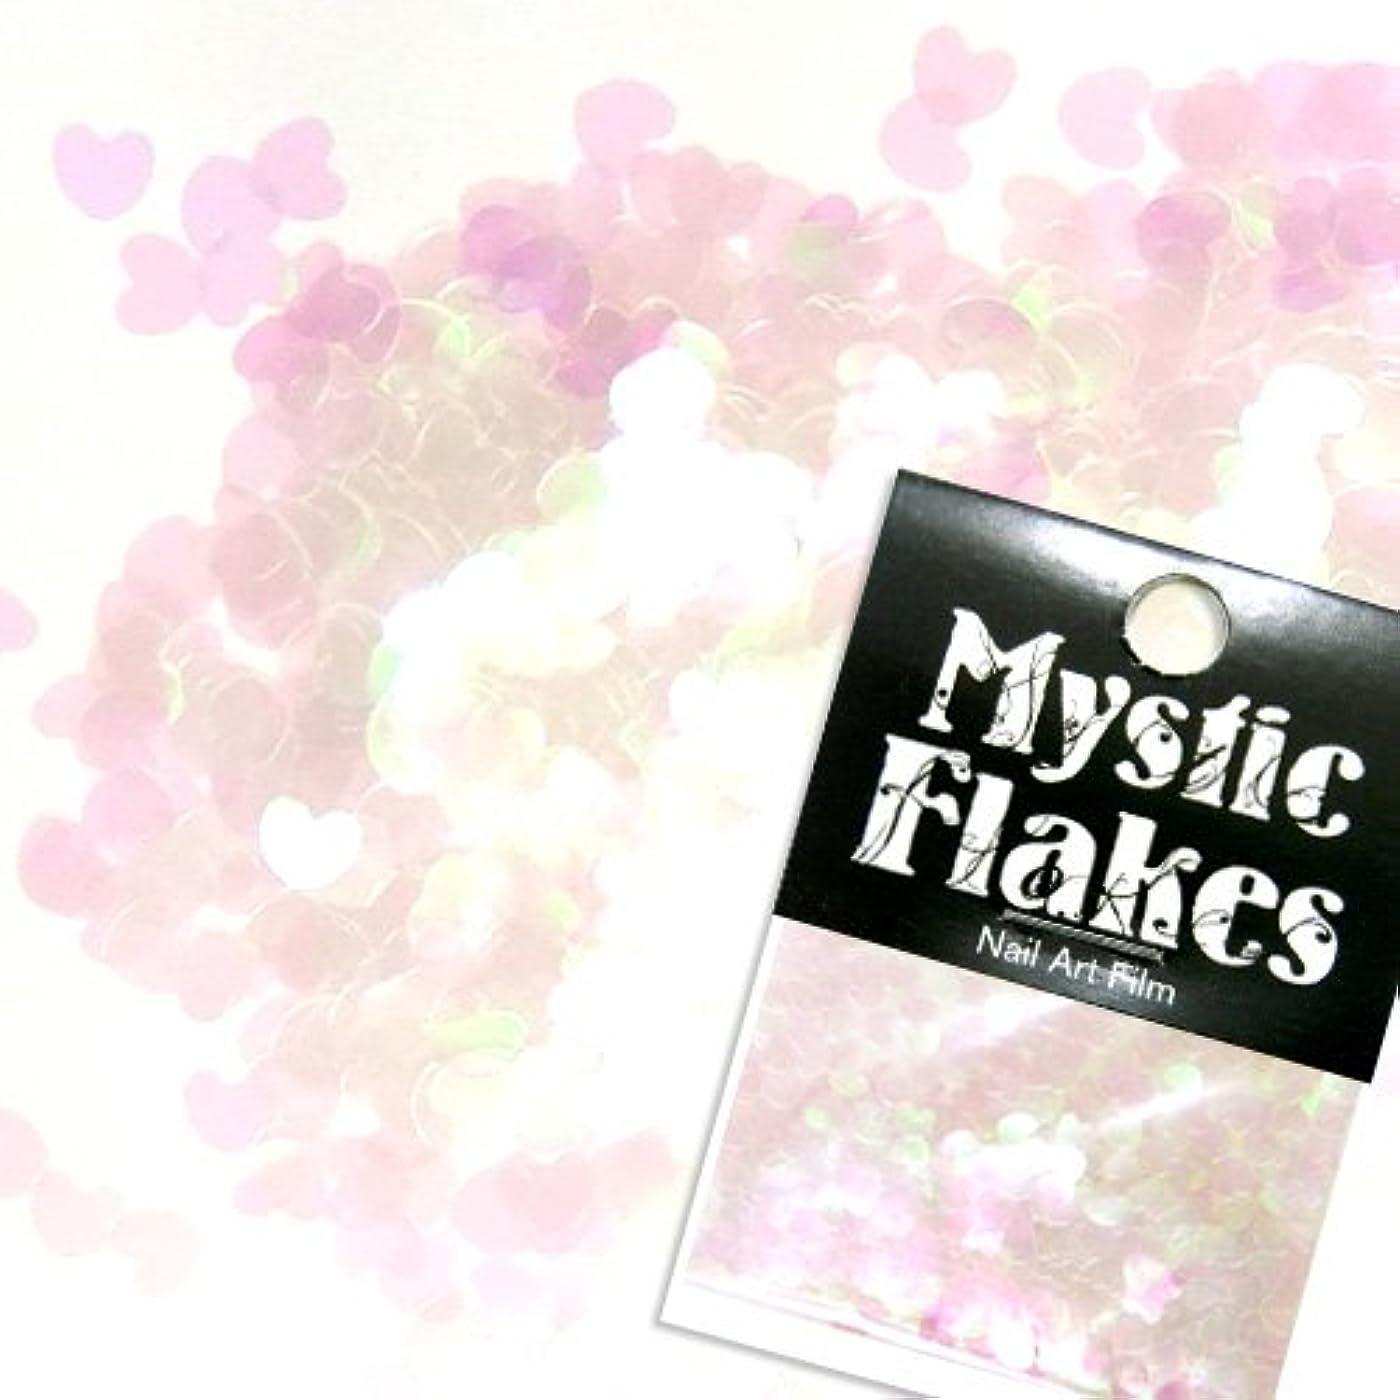 なんとなく瞑想する発表ミスティックフレース ネイル用ストーン カメレオンクリアピンク ミニハート 0.5g